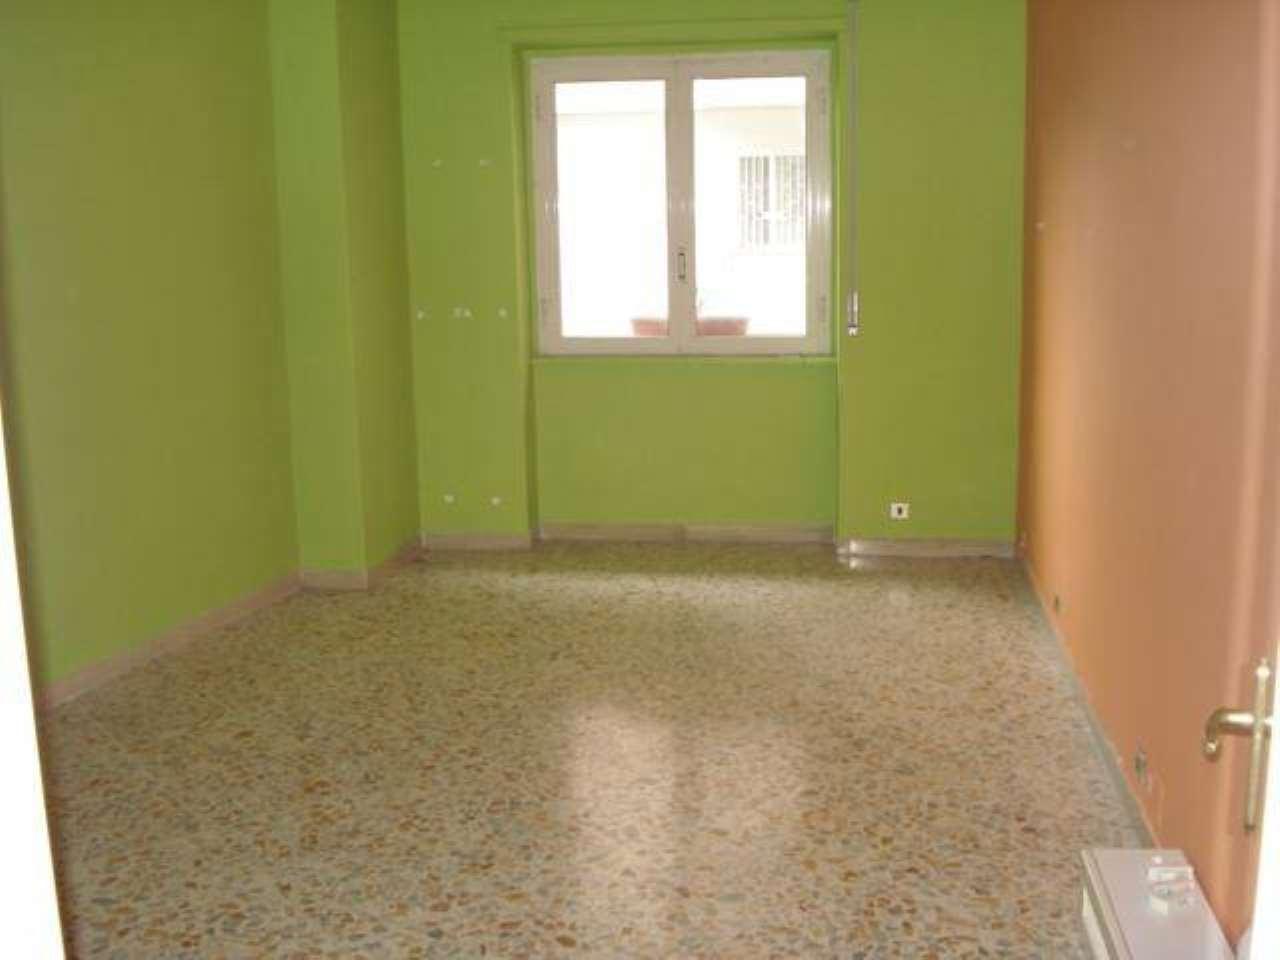 Appartamento in affitto a Napoli, 4 locali, zona Zona: 10 . Bagnoli, Fuorigrotta, Agnano, prezzo € 750 | CambioCasa.it